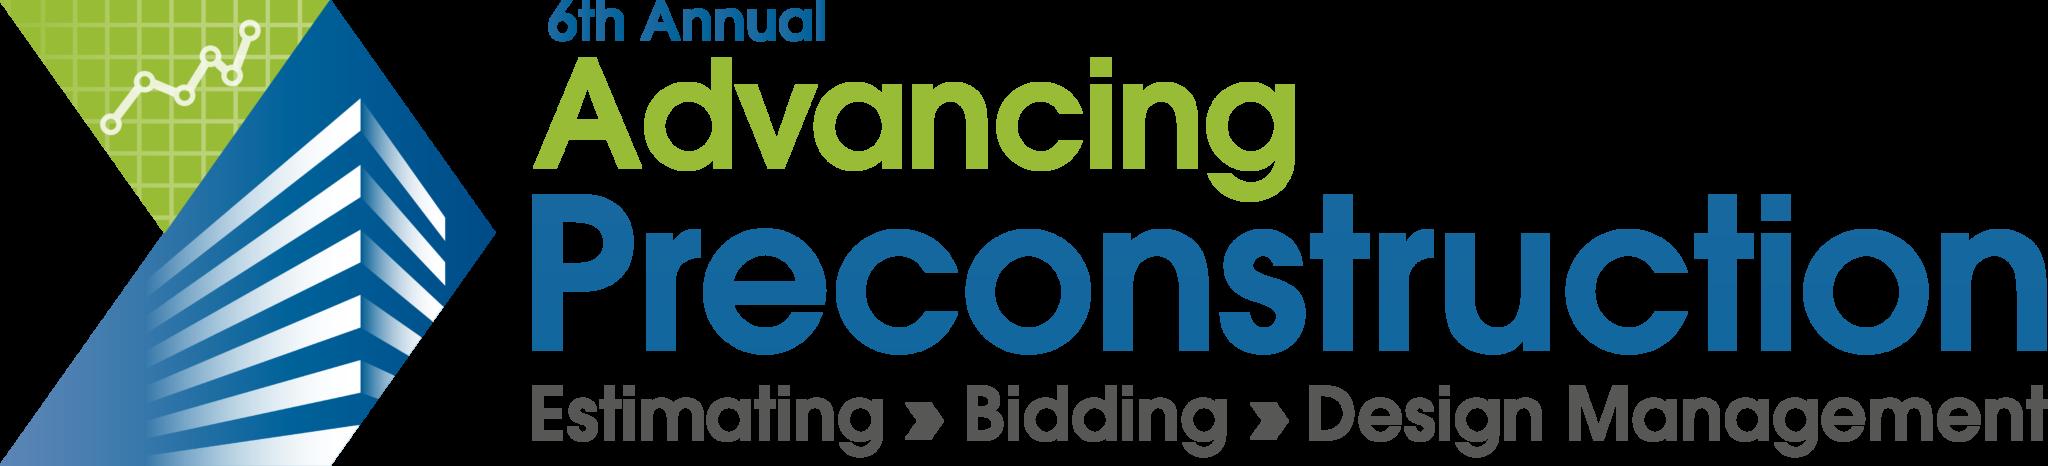 HW190819-Advancing-Preconstruction-logo-2021-2048x466